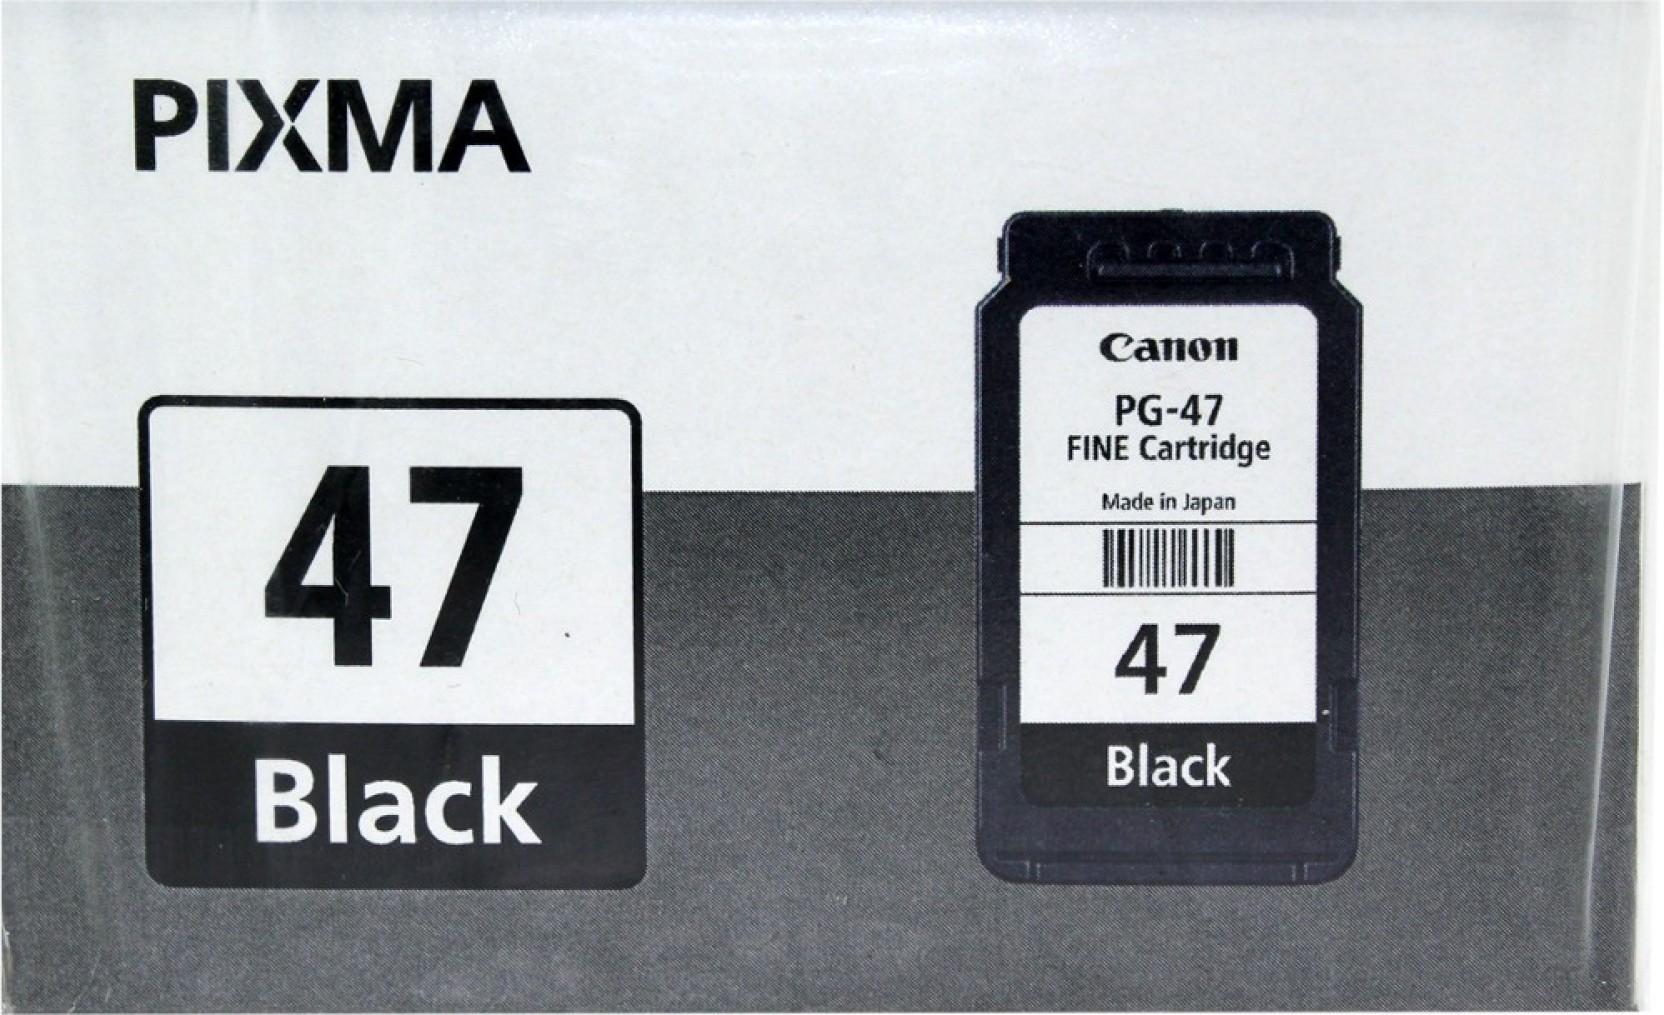 Canon Pg 47 Fine Cartridge Black Daftar Update Harga Terbaru Dan Tinta Single Color Ink Compare